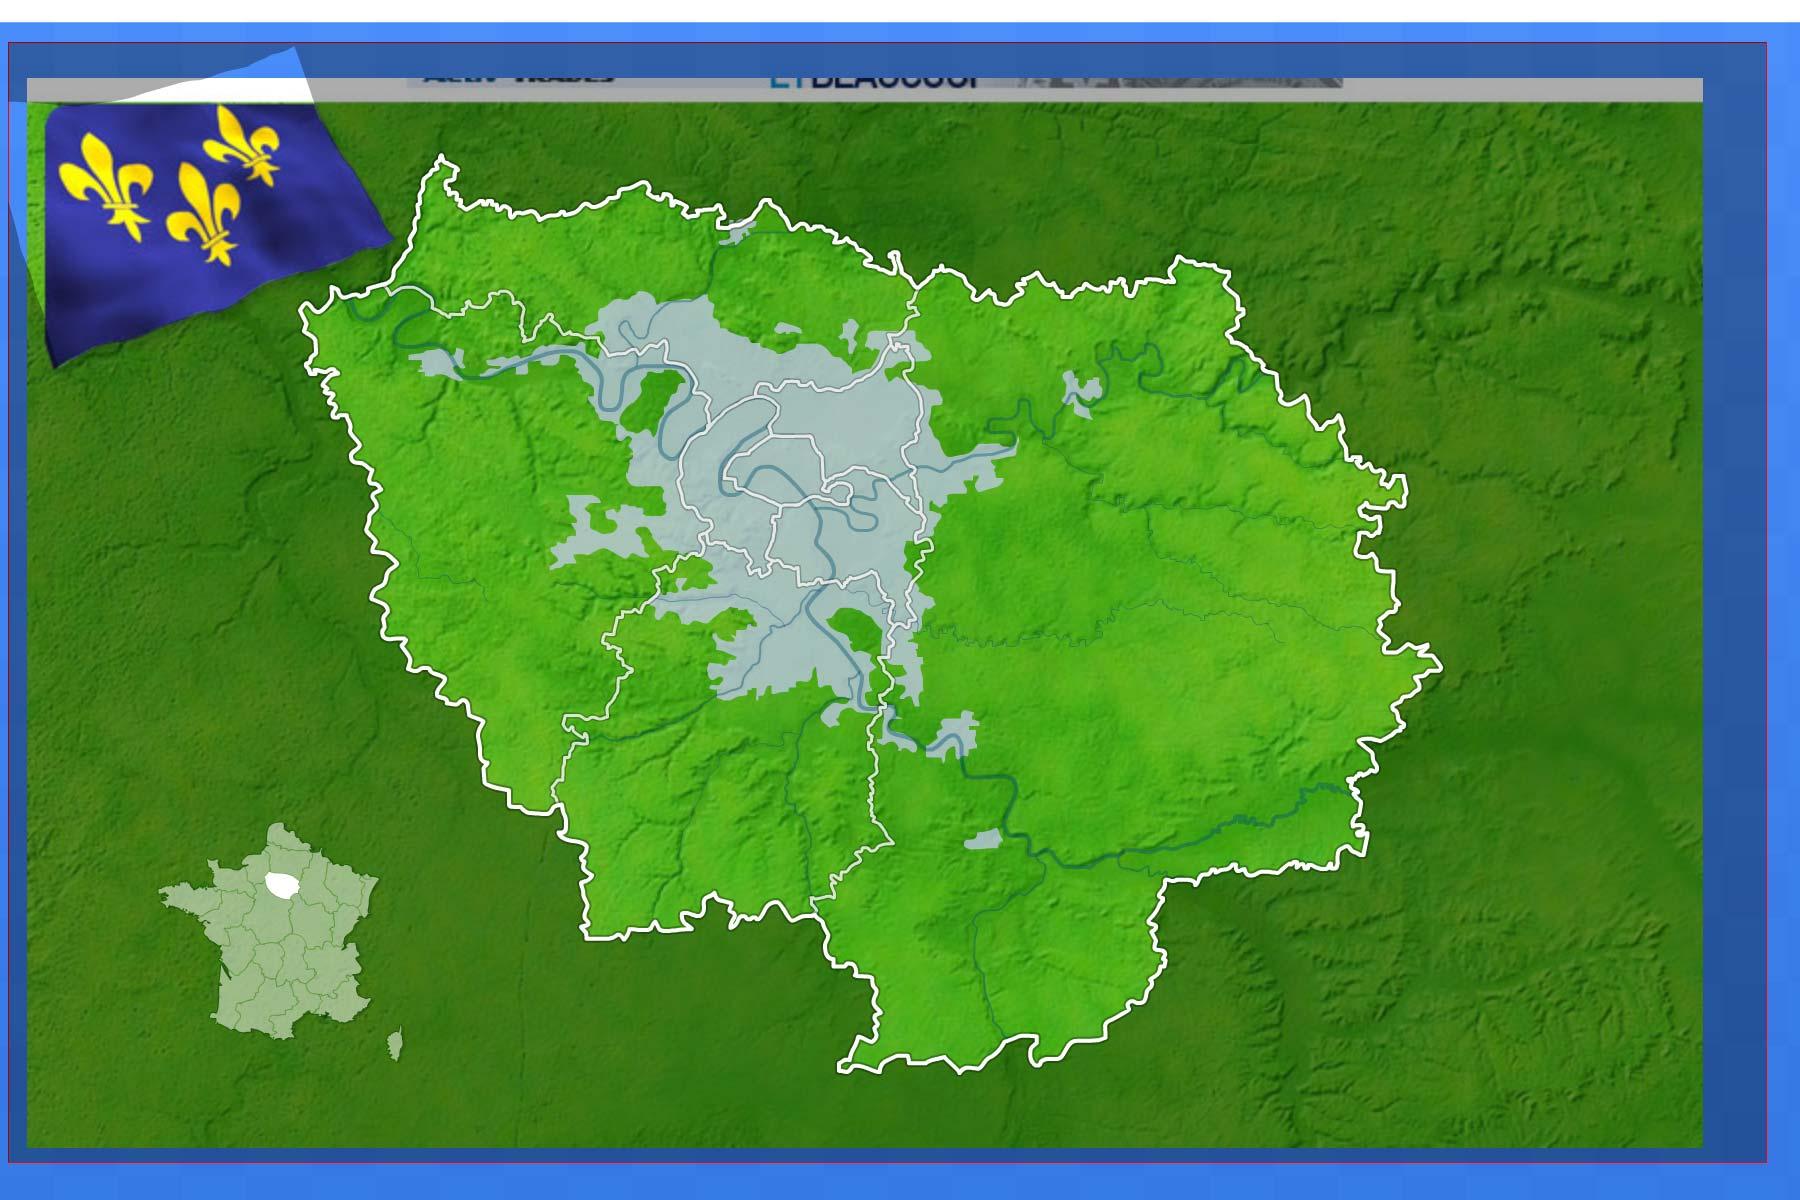 Jeux-Geographiques Jeux Gratuits Villes D Ile De France pour Jeux Geographique Ville De France